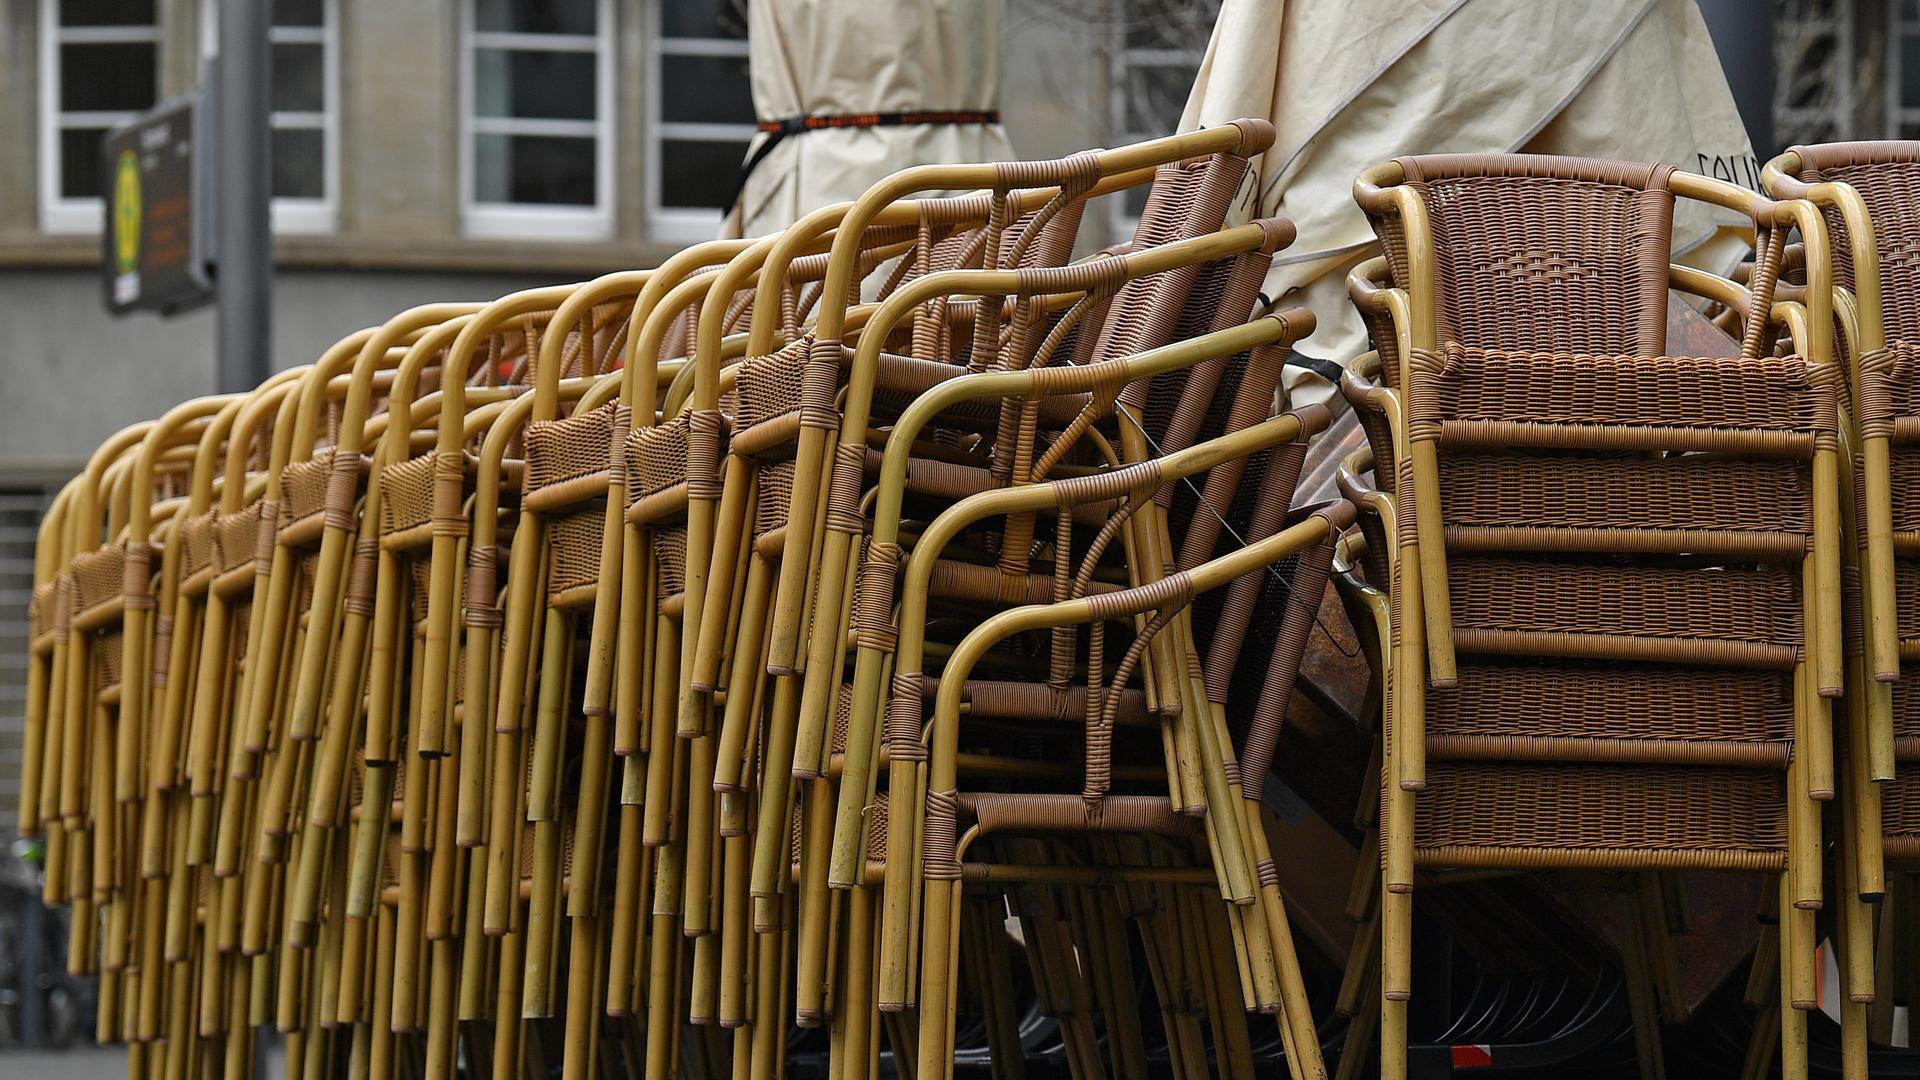 Übereinandergestellt sind die Stühle vor einem Restaurant am Fischmarkt. Thüringen ist weiterhin das Bundesland mit der höchsten Sieben-Tage-Inzidenz. +++ dpa-Bildfunk +++